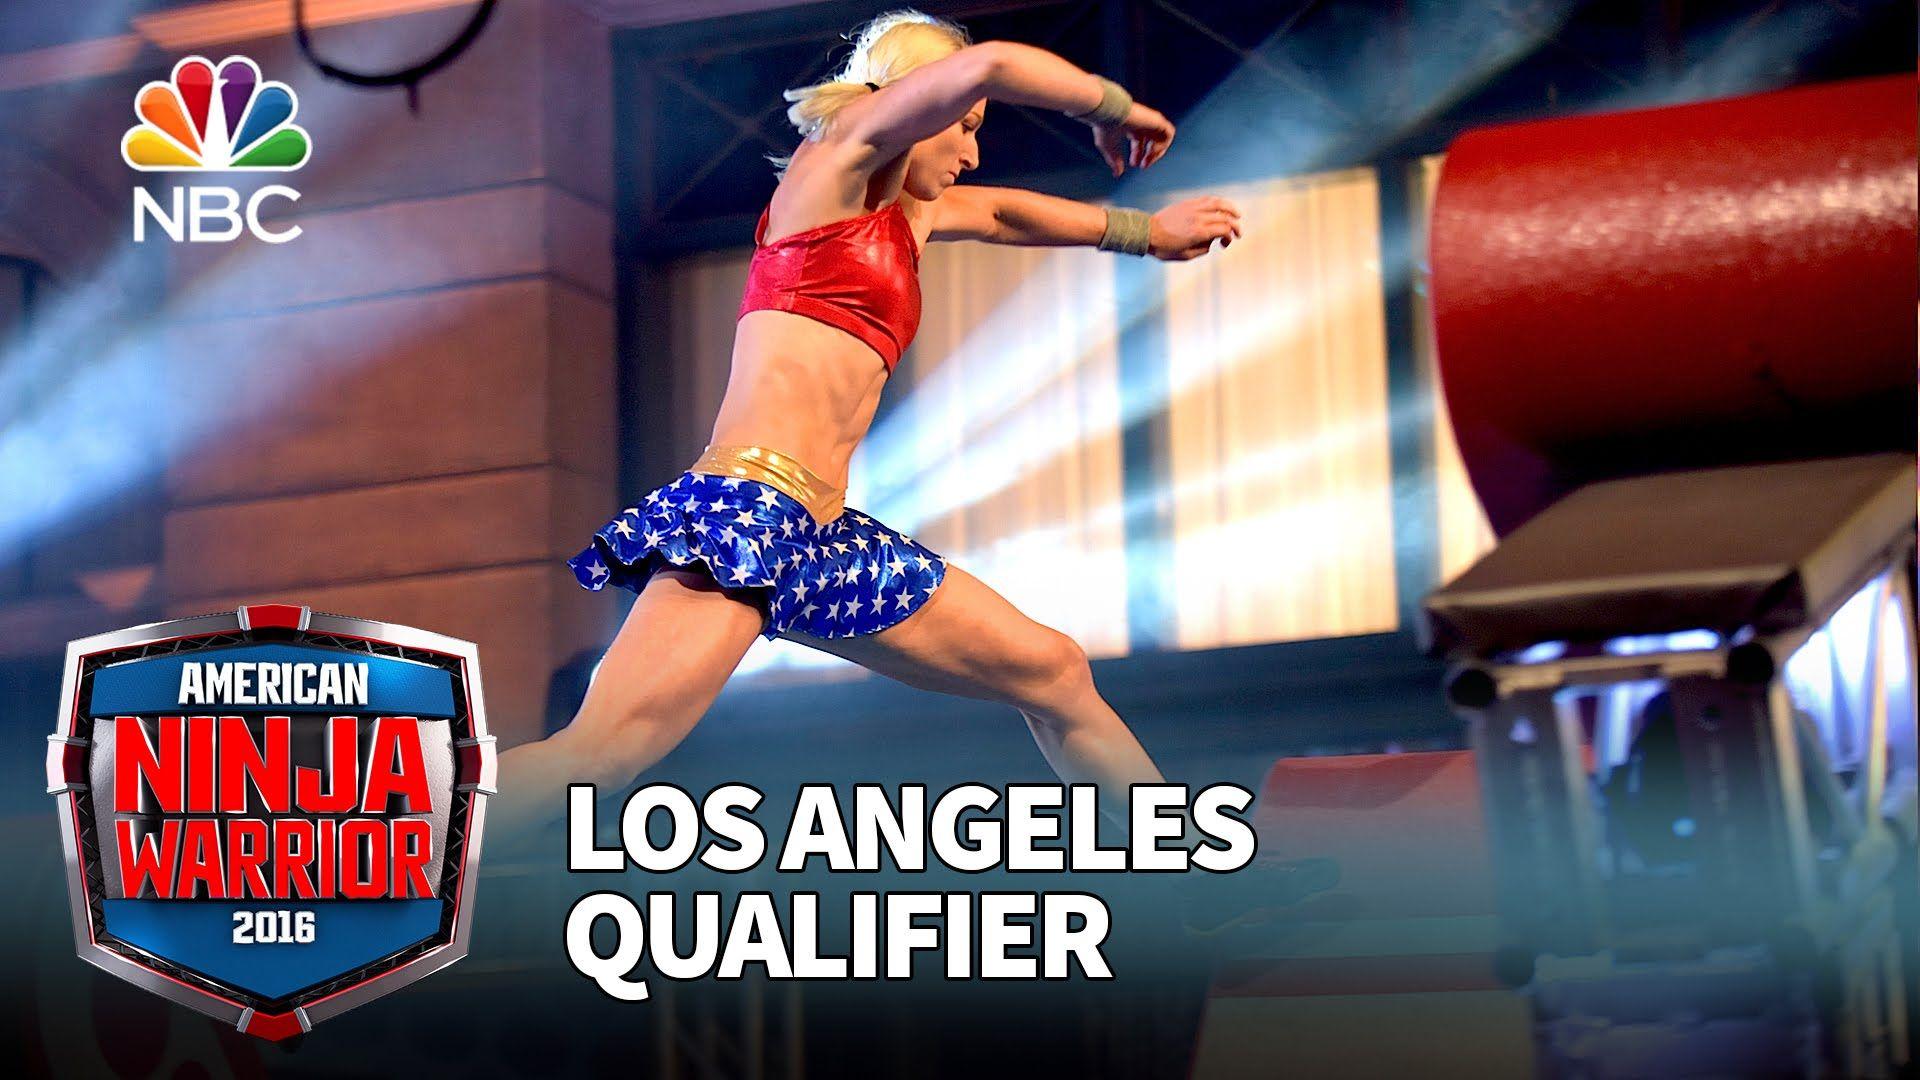 Jessie Graff At The Los Angeles Qualifier